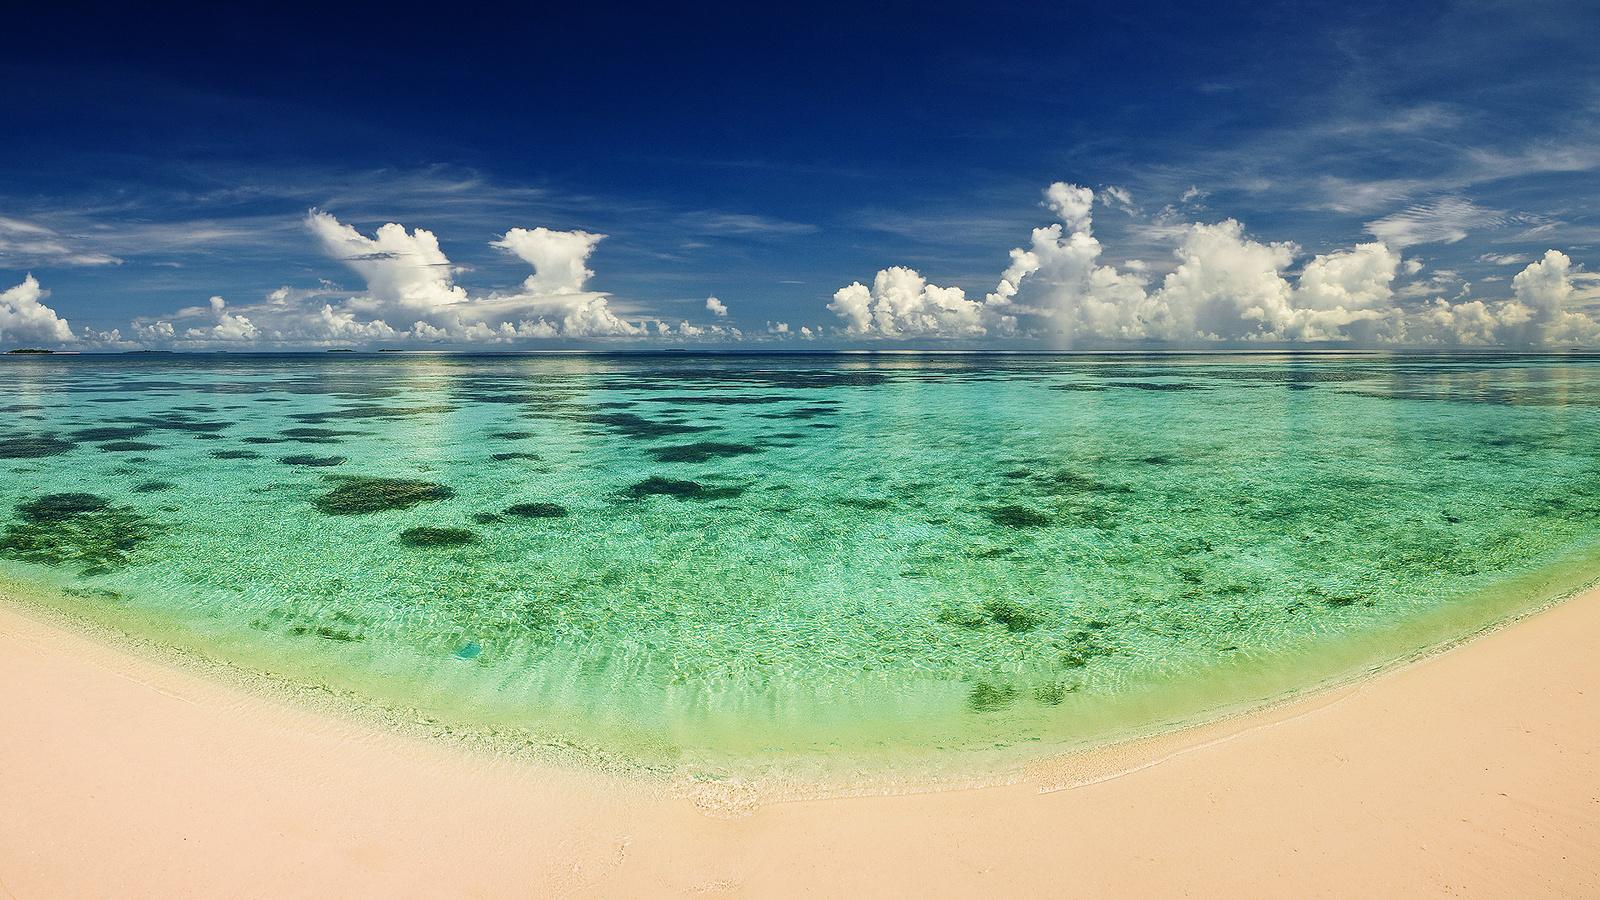 гаечные картинки пляжа воды умеет себя